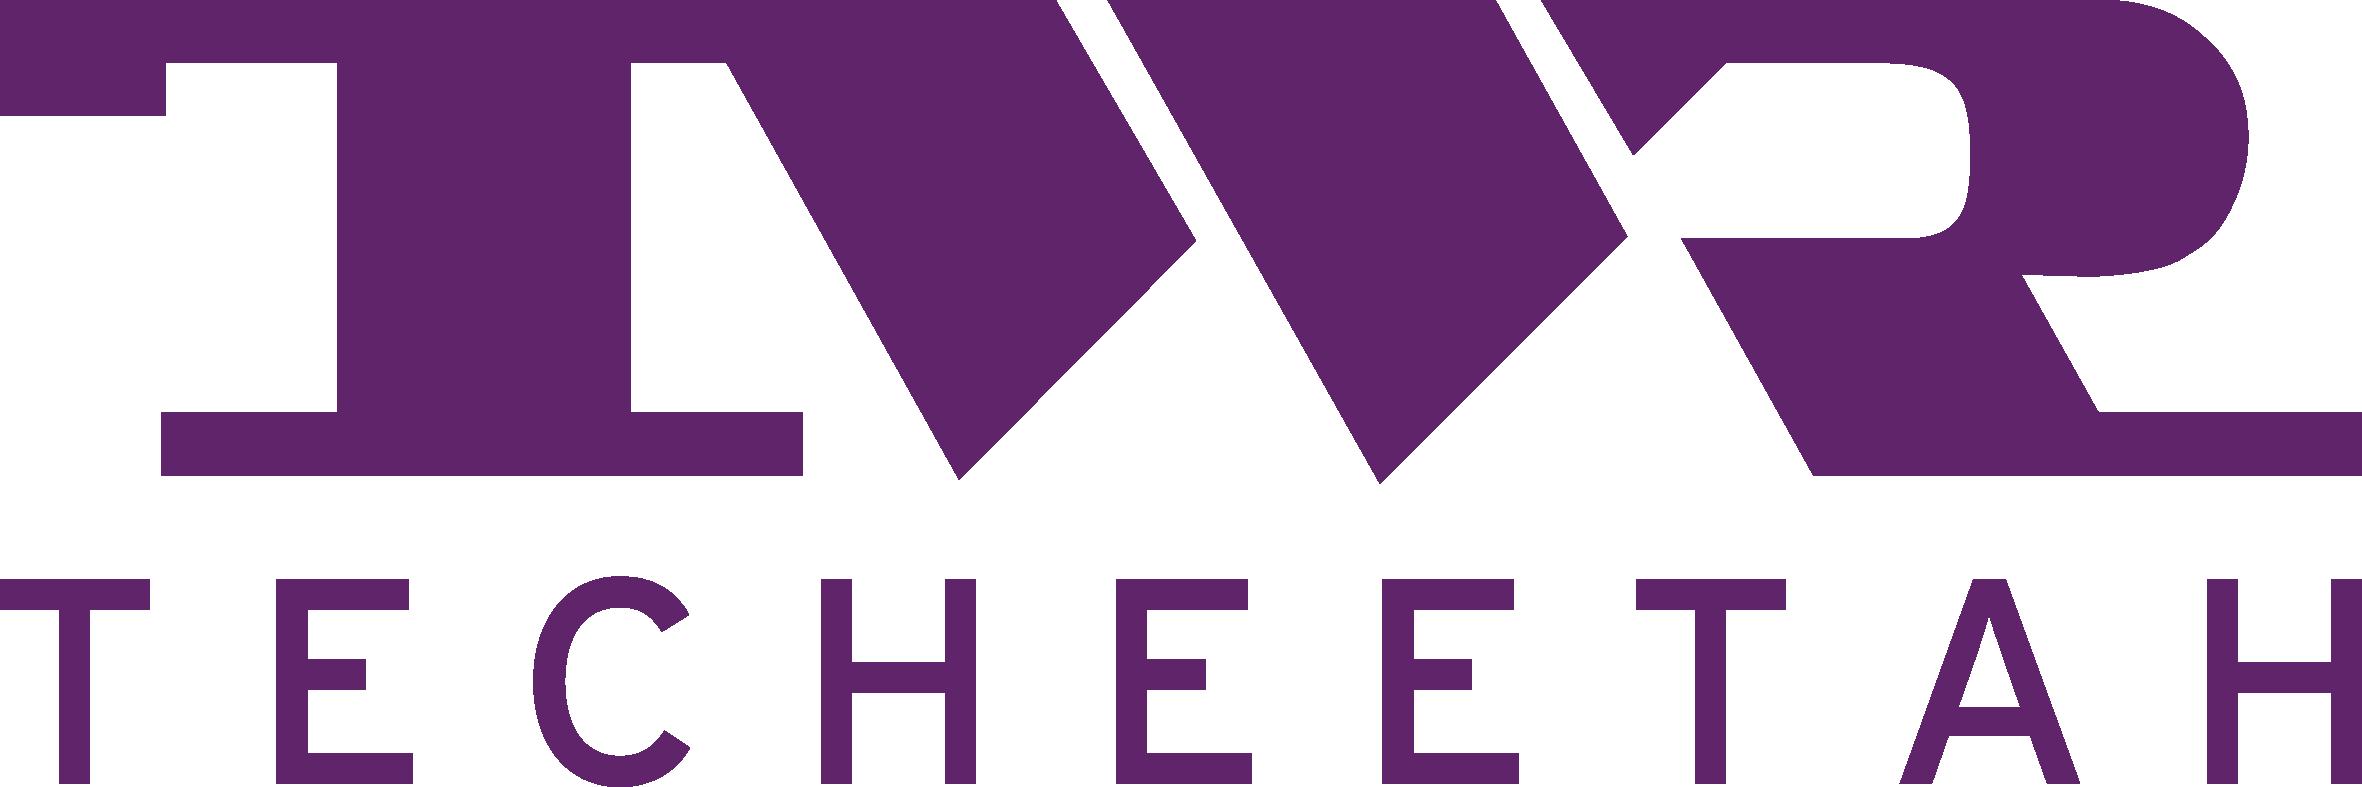 twr-techeetah